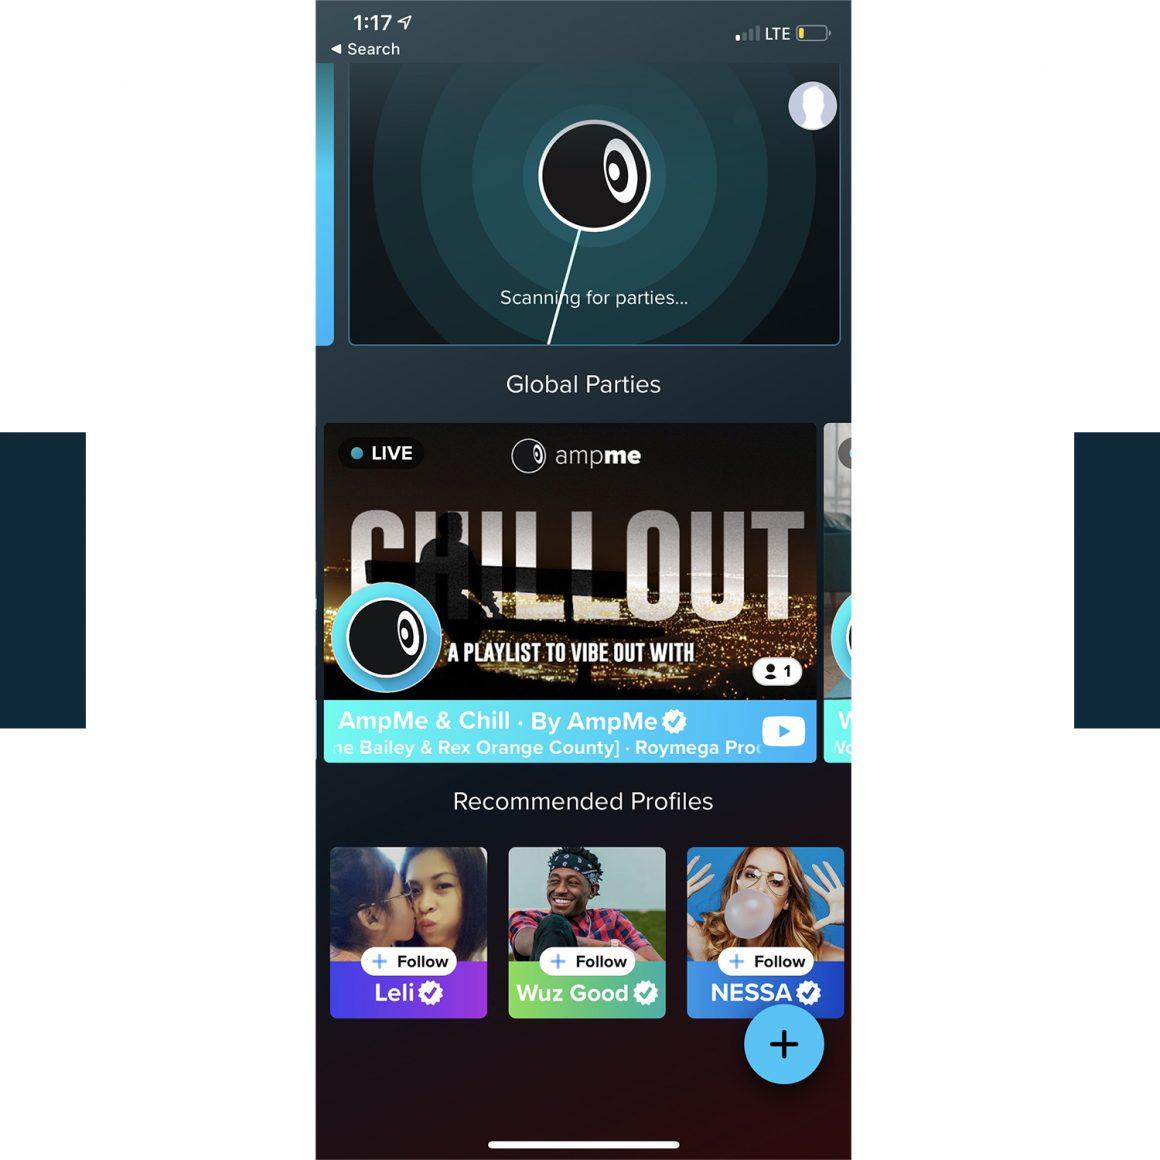 Capture d'écran de l'application mobile AmpMe